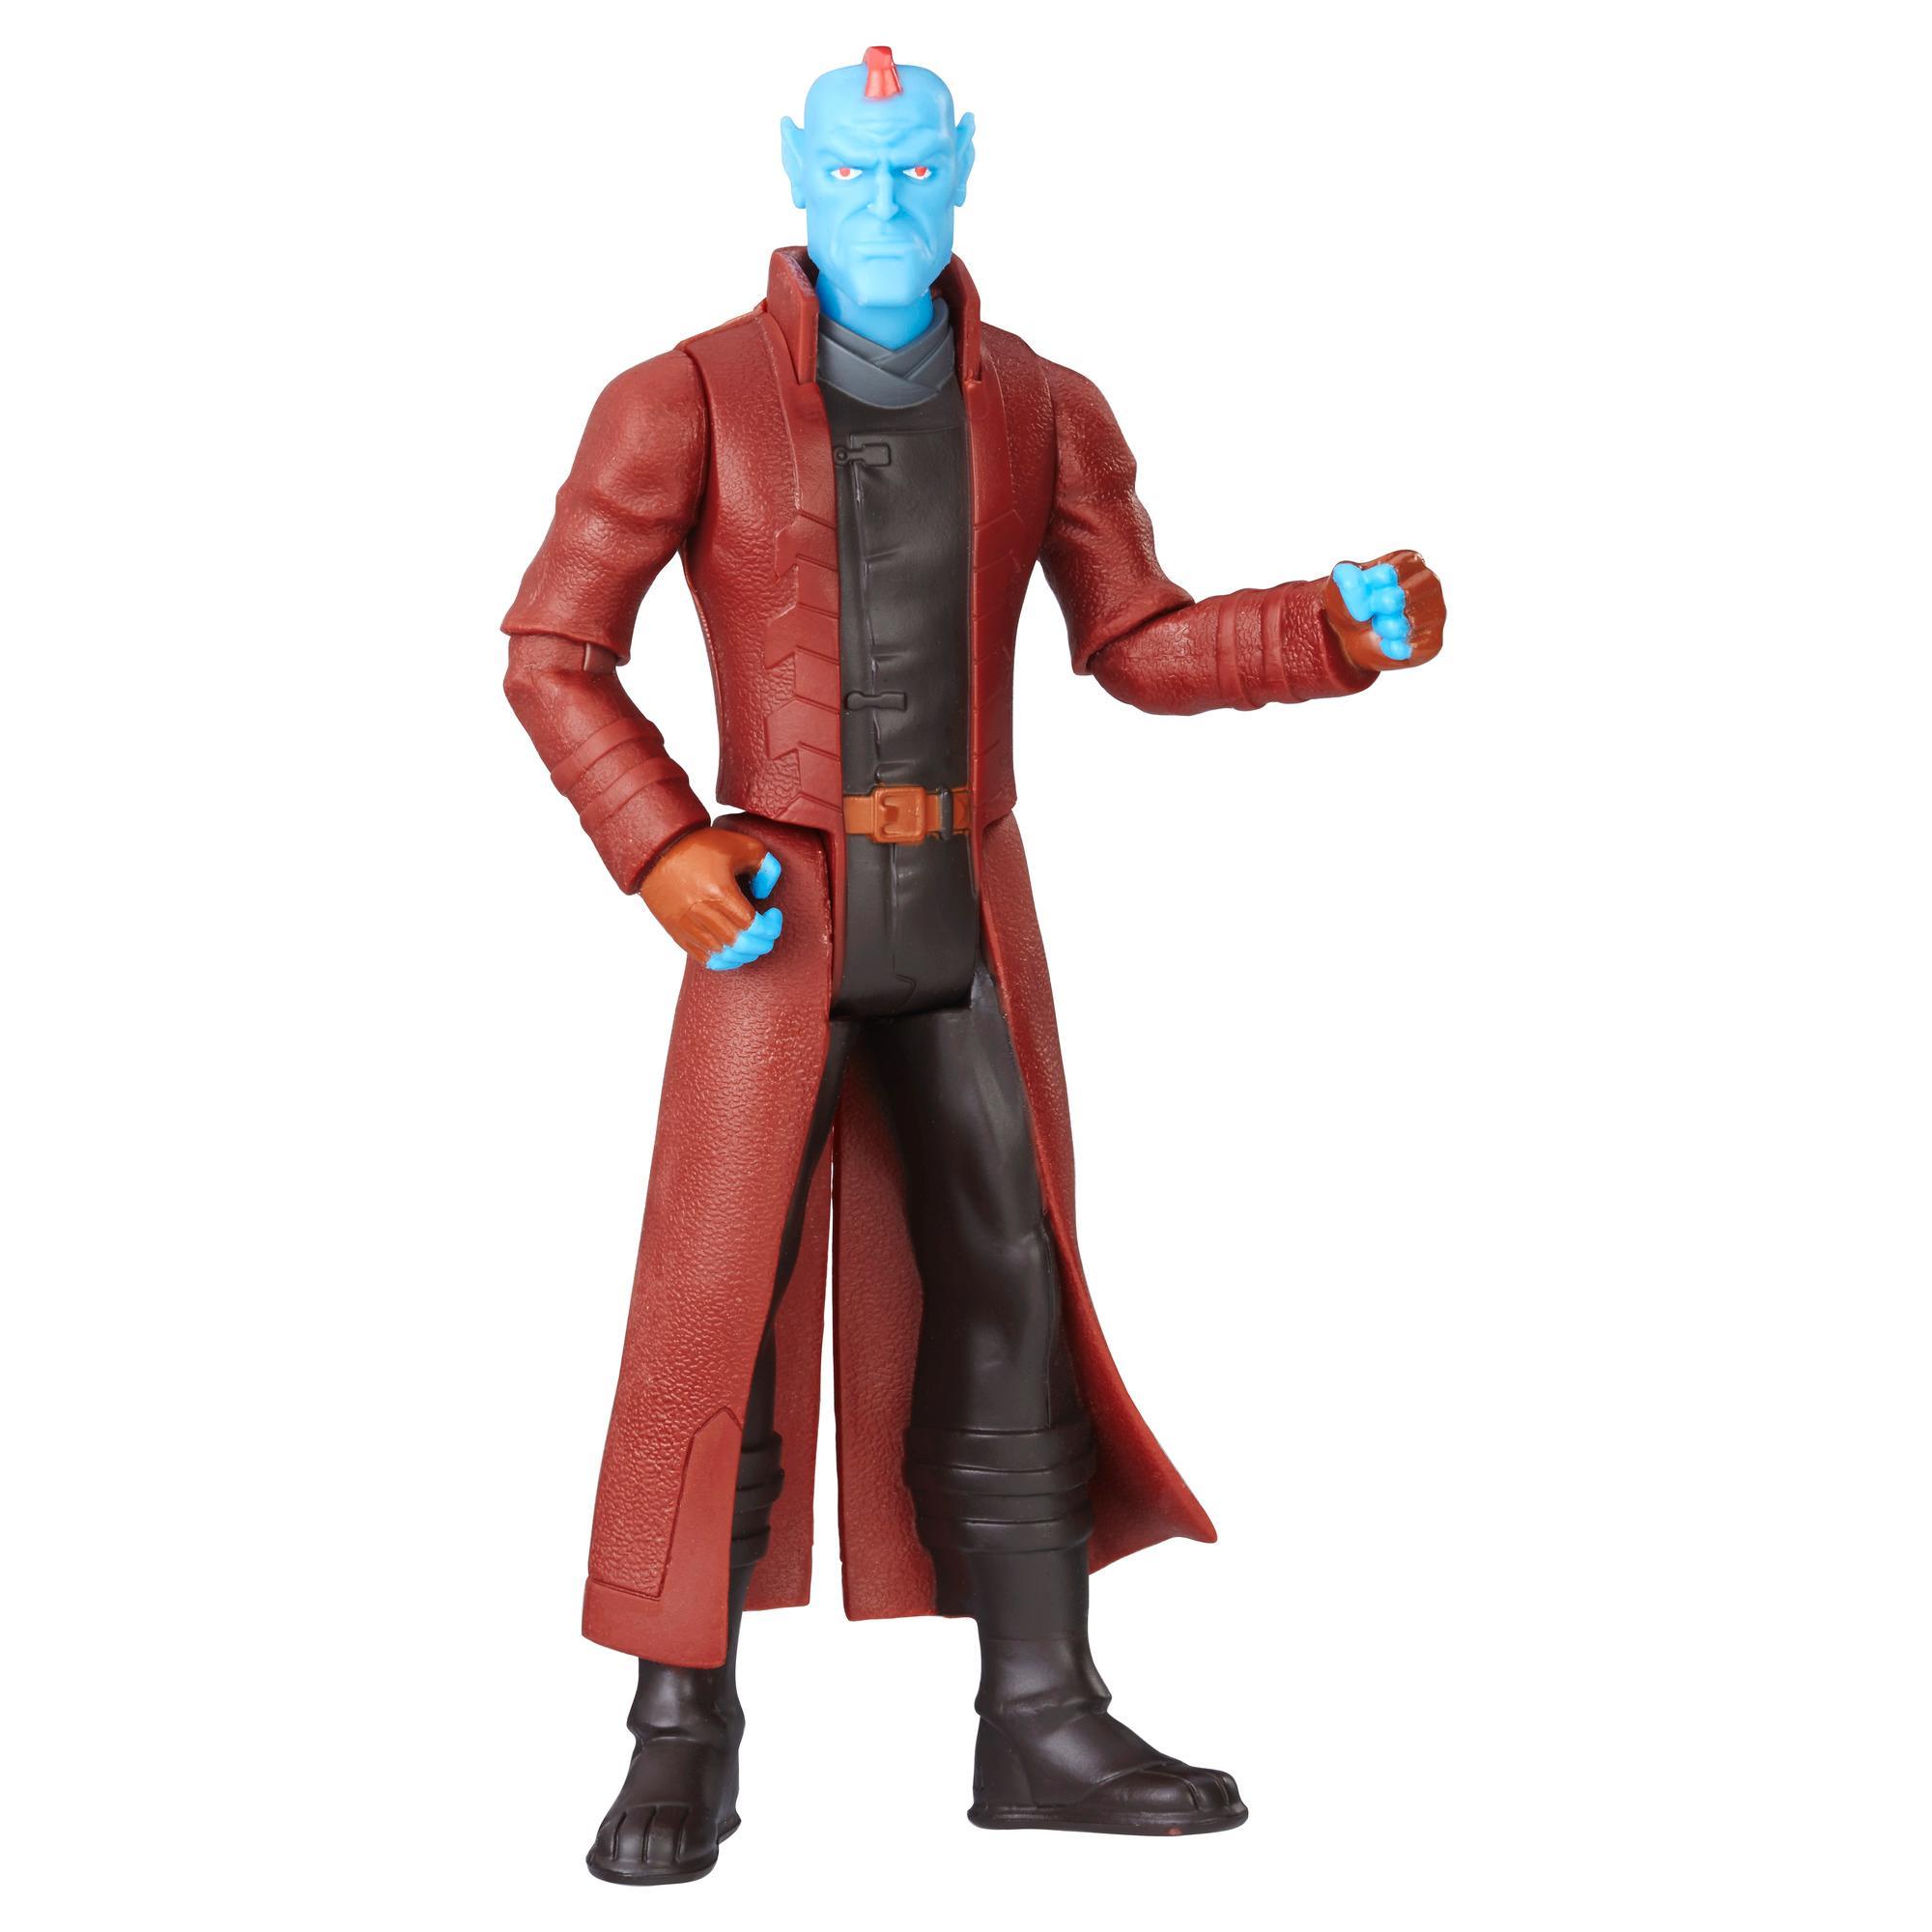 Marvel Guardians of the Galaxy - Yondu de 15cm (6in)